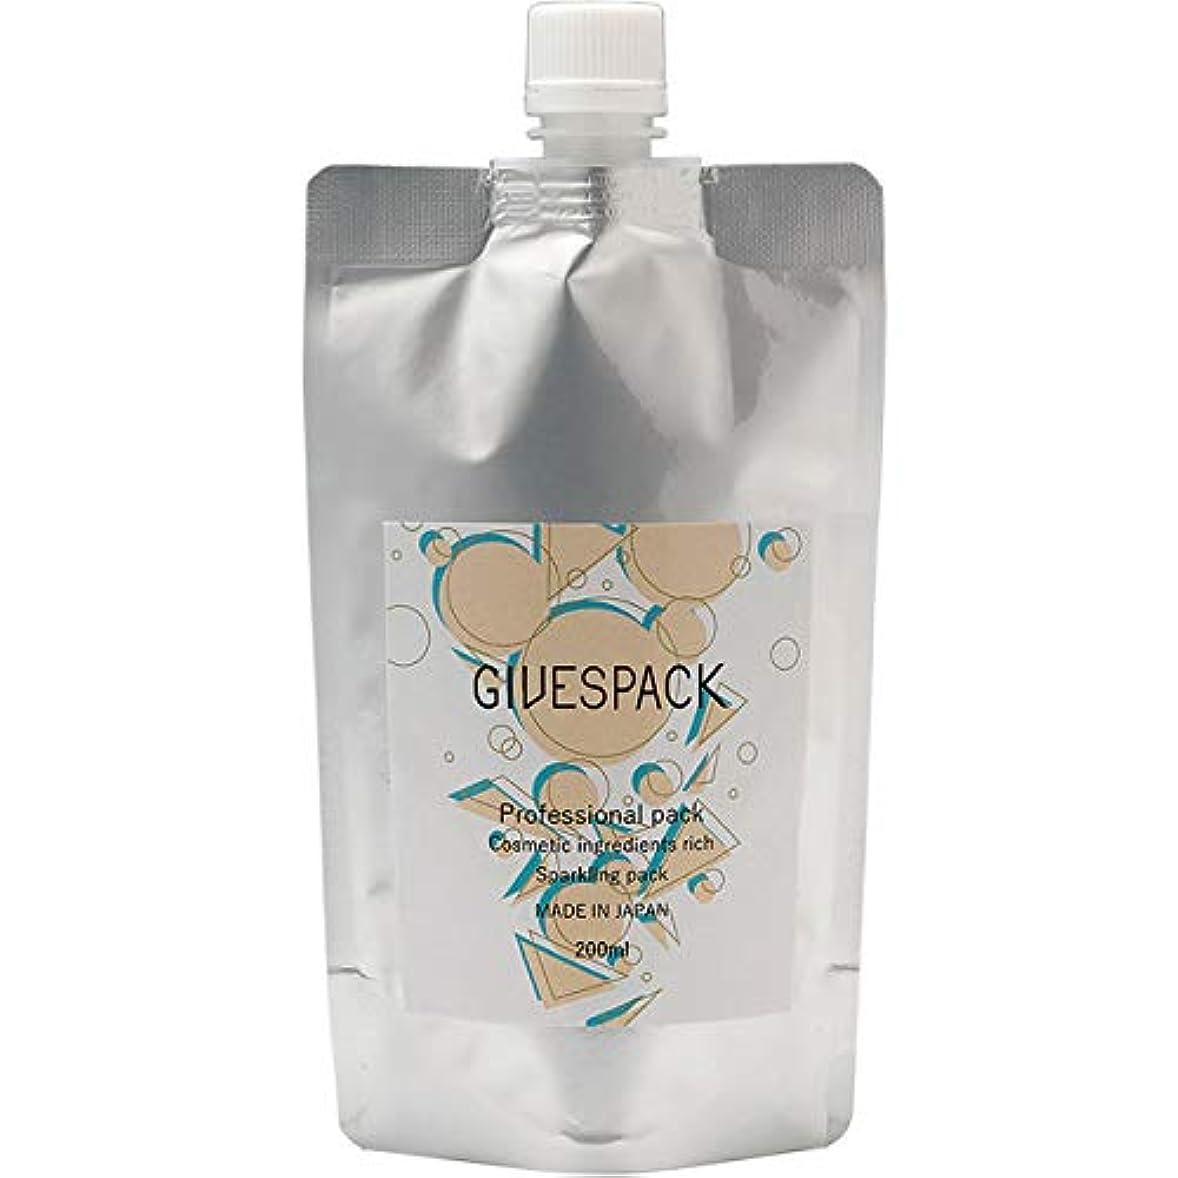 雄弁欠員ロシアNAVAN ギブスパック 炭酸パック 自宅エステ 手軽な一剤式(混ぜない) オールインワン 200ml たっぷり約23回分